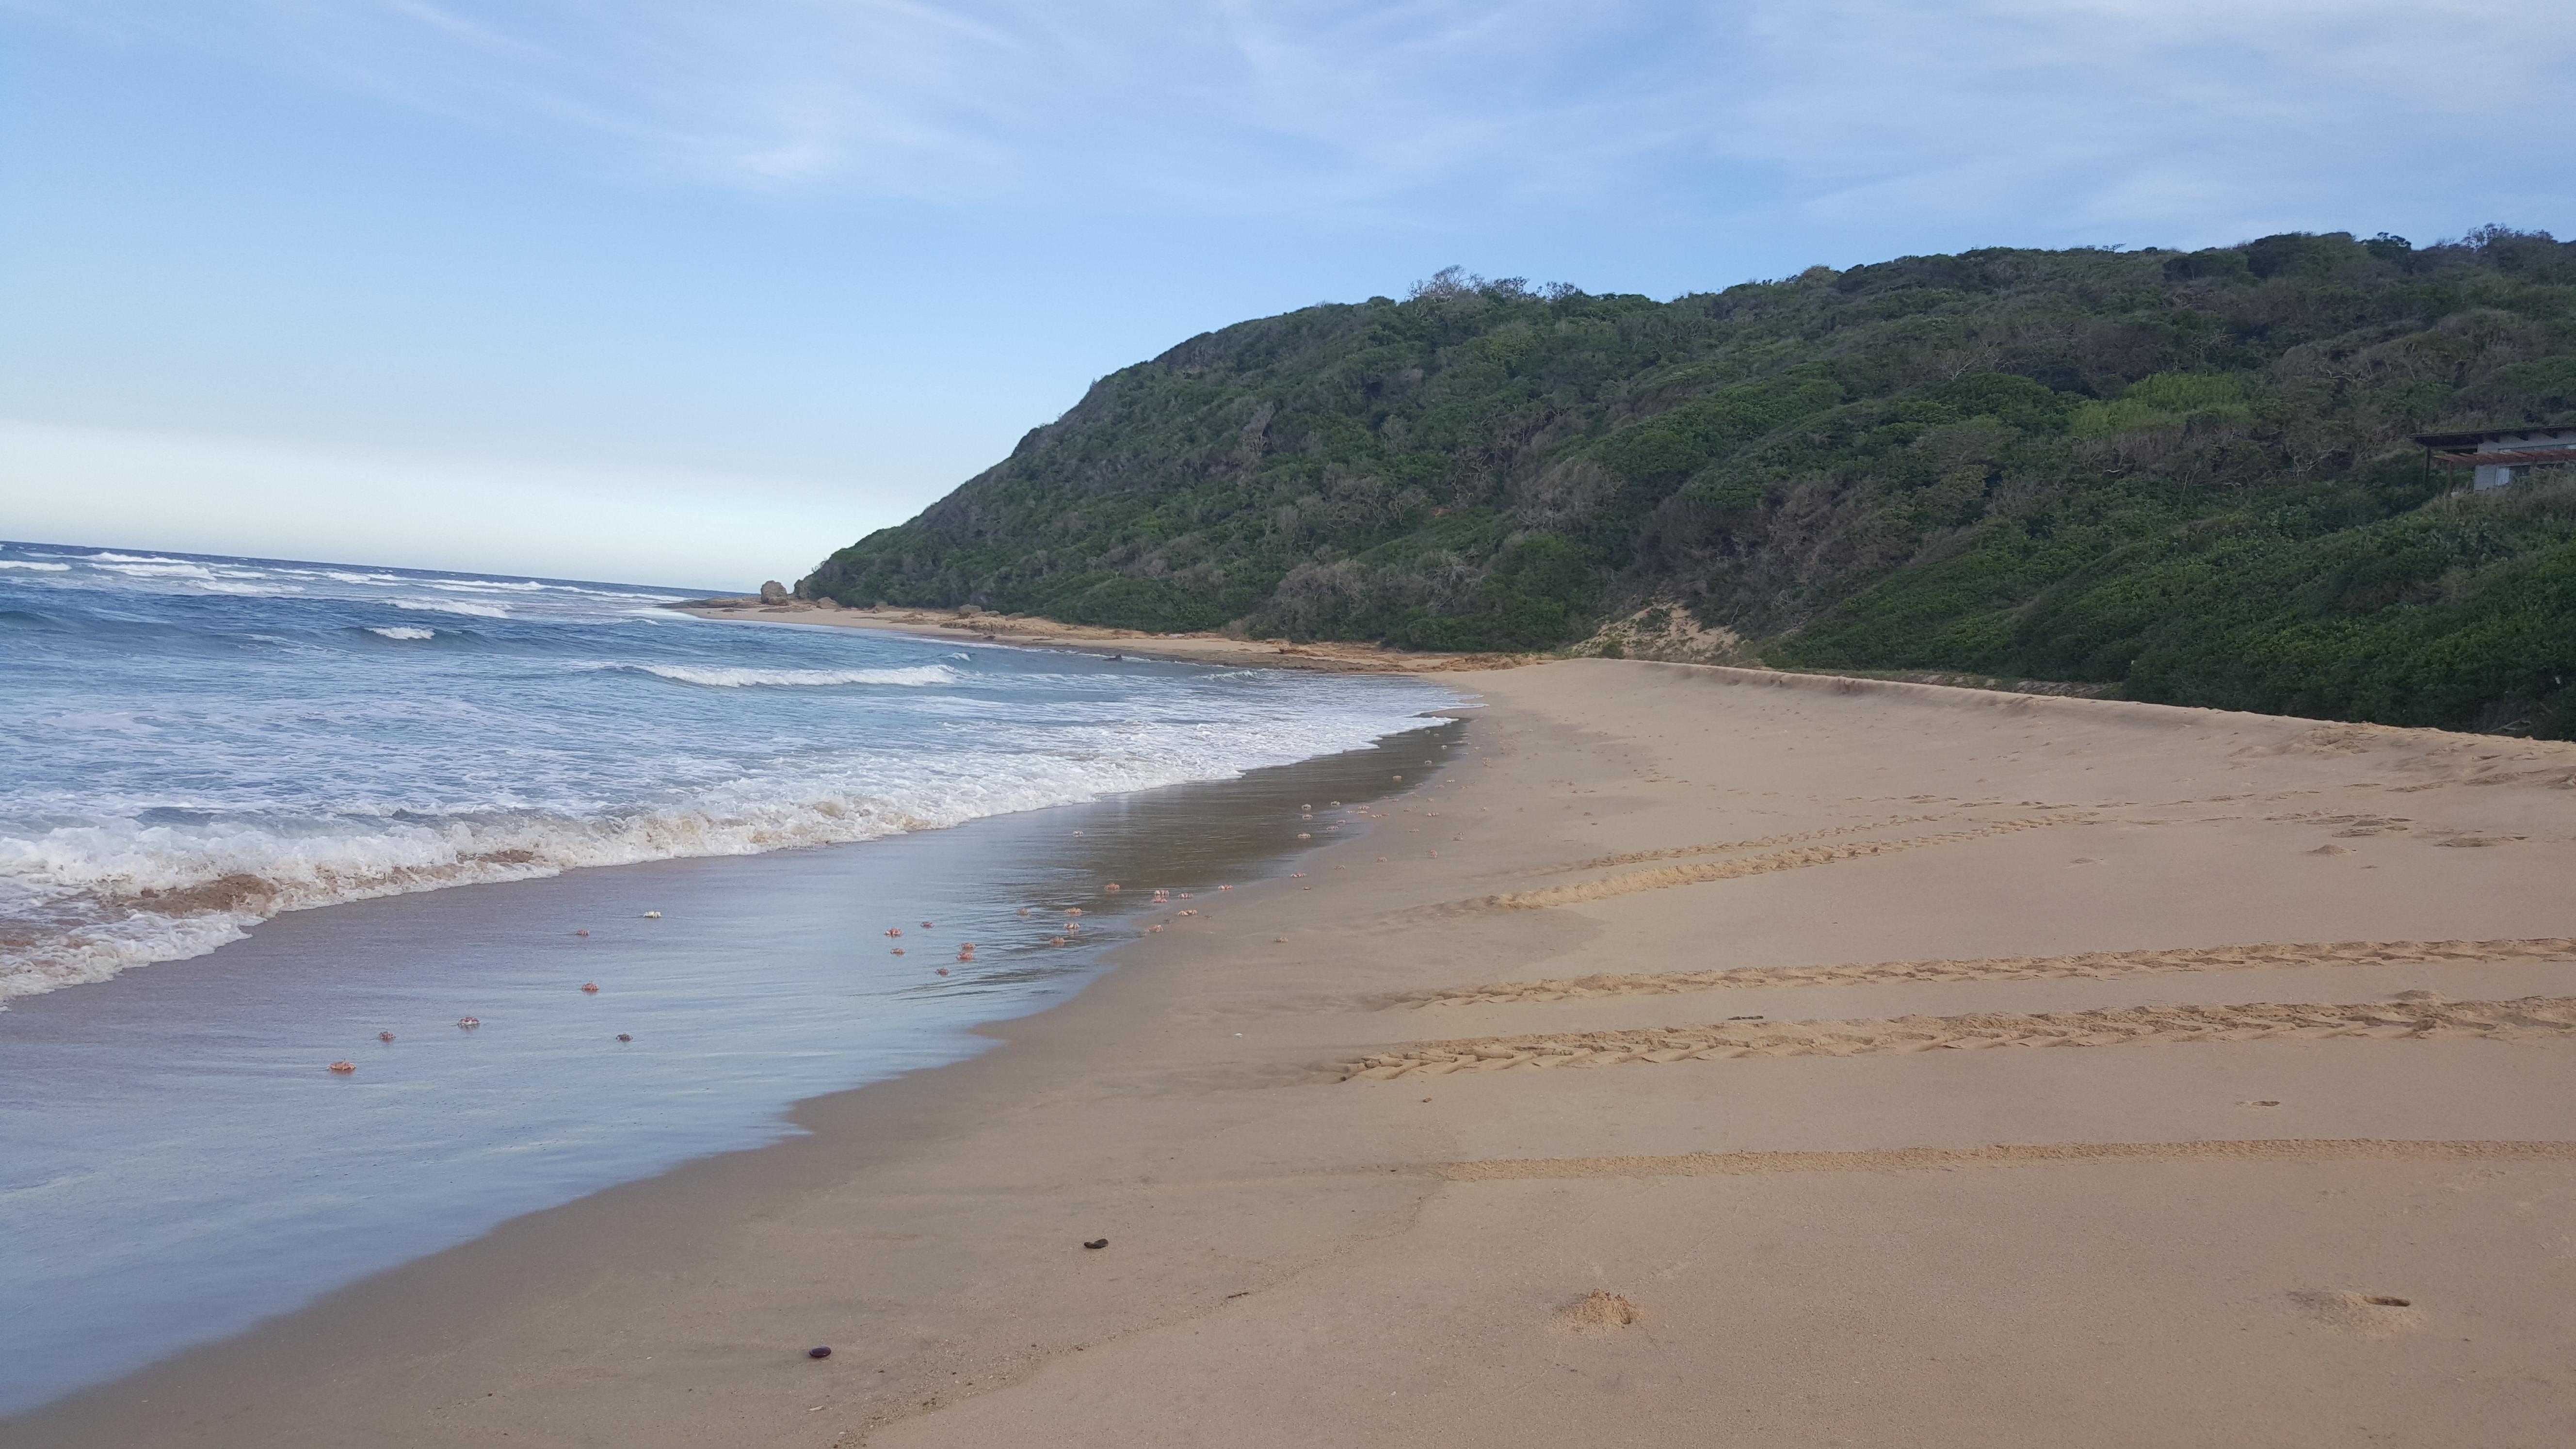 Milhares de caranguejos correndo pela praia